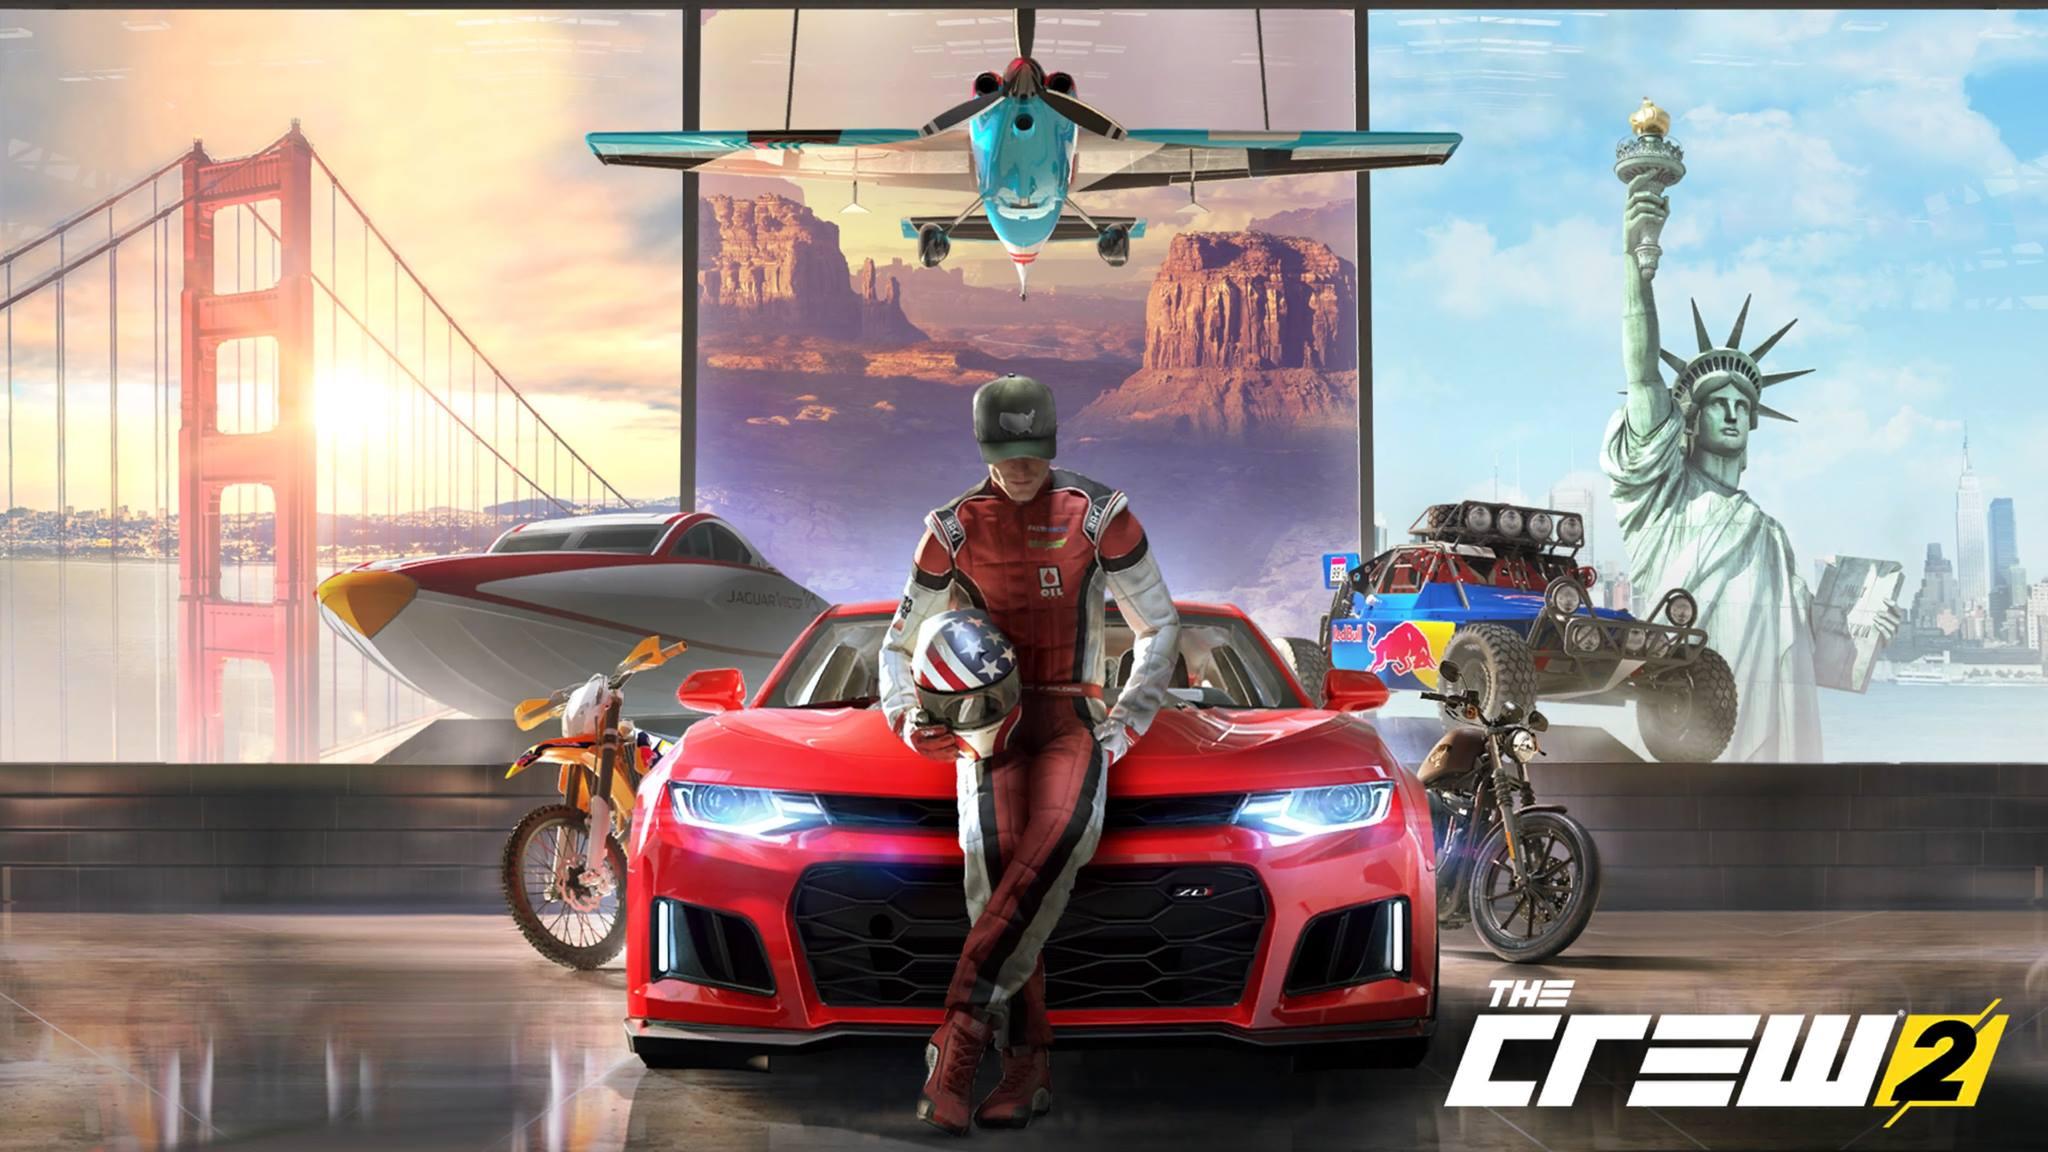 Das sind die besten Fahrzeuge, Boote und Flugzeuge in The Crew 2